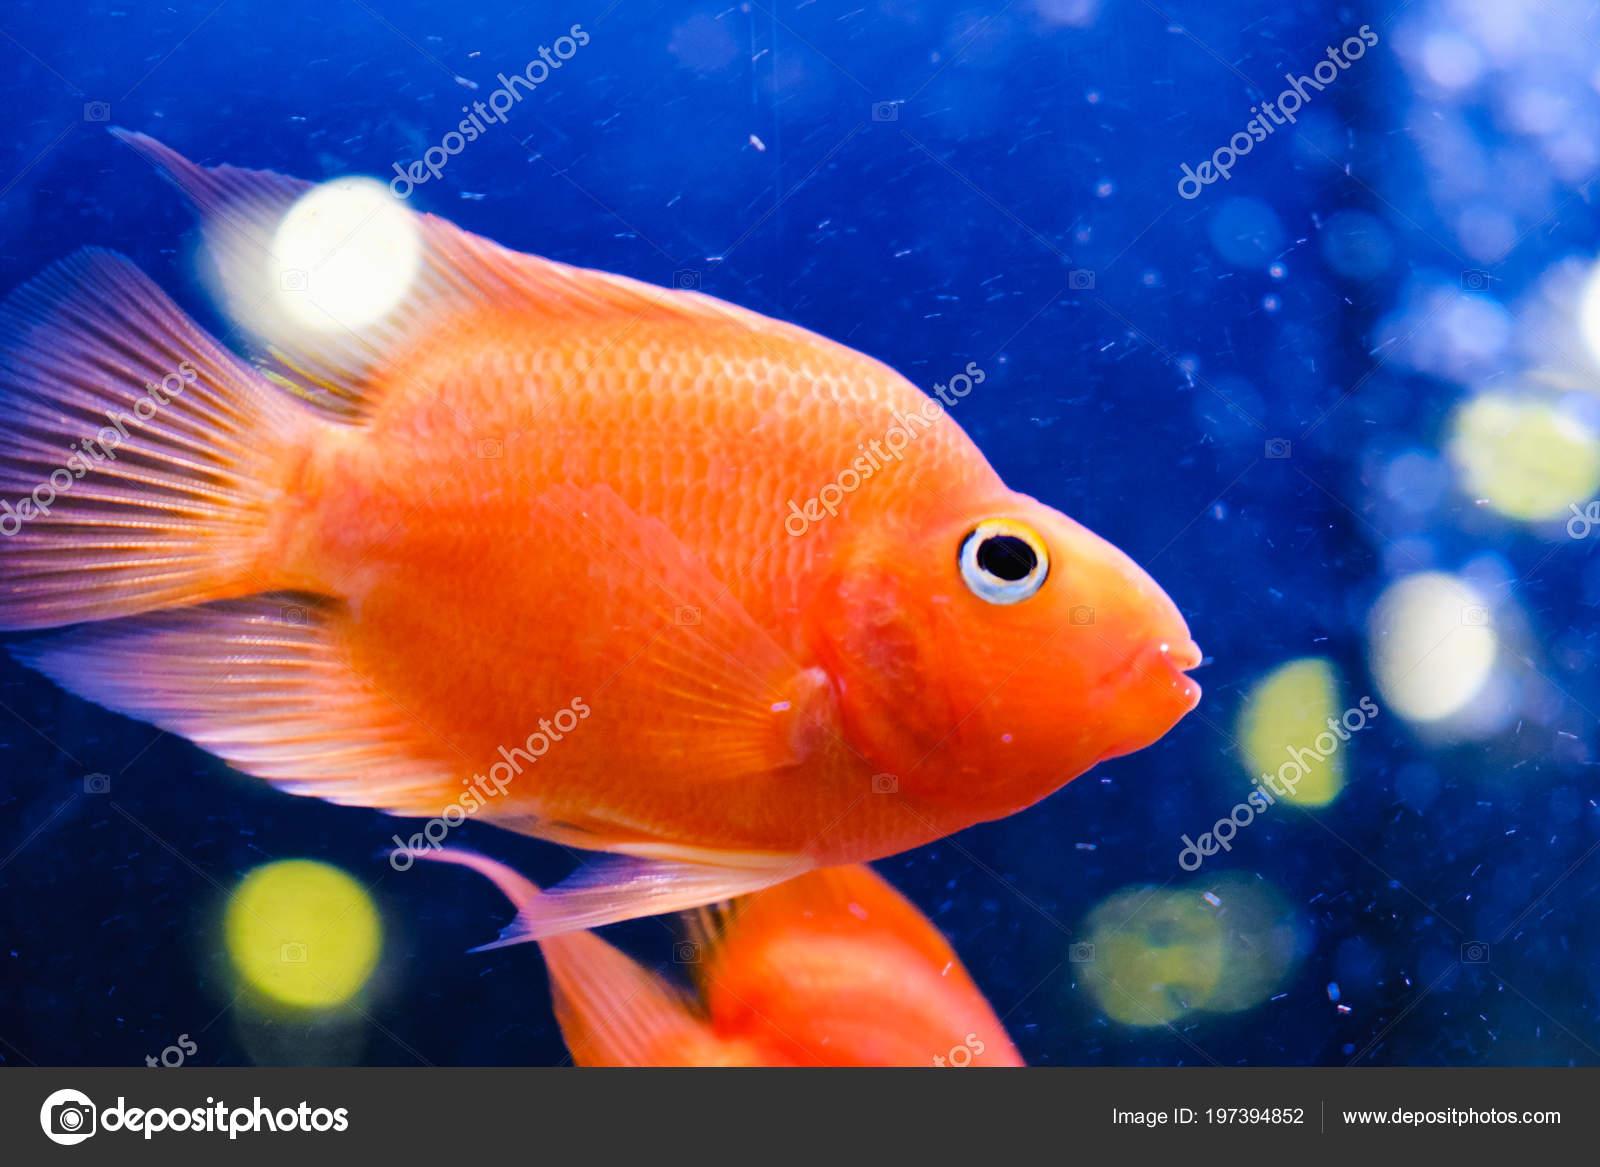 Beautiful Fish Aquarium Goldfish Aquarium Fish Background Aquatic Plants Stock Photo C Bravissimos 197394852